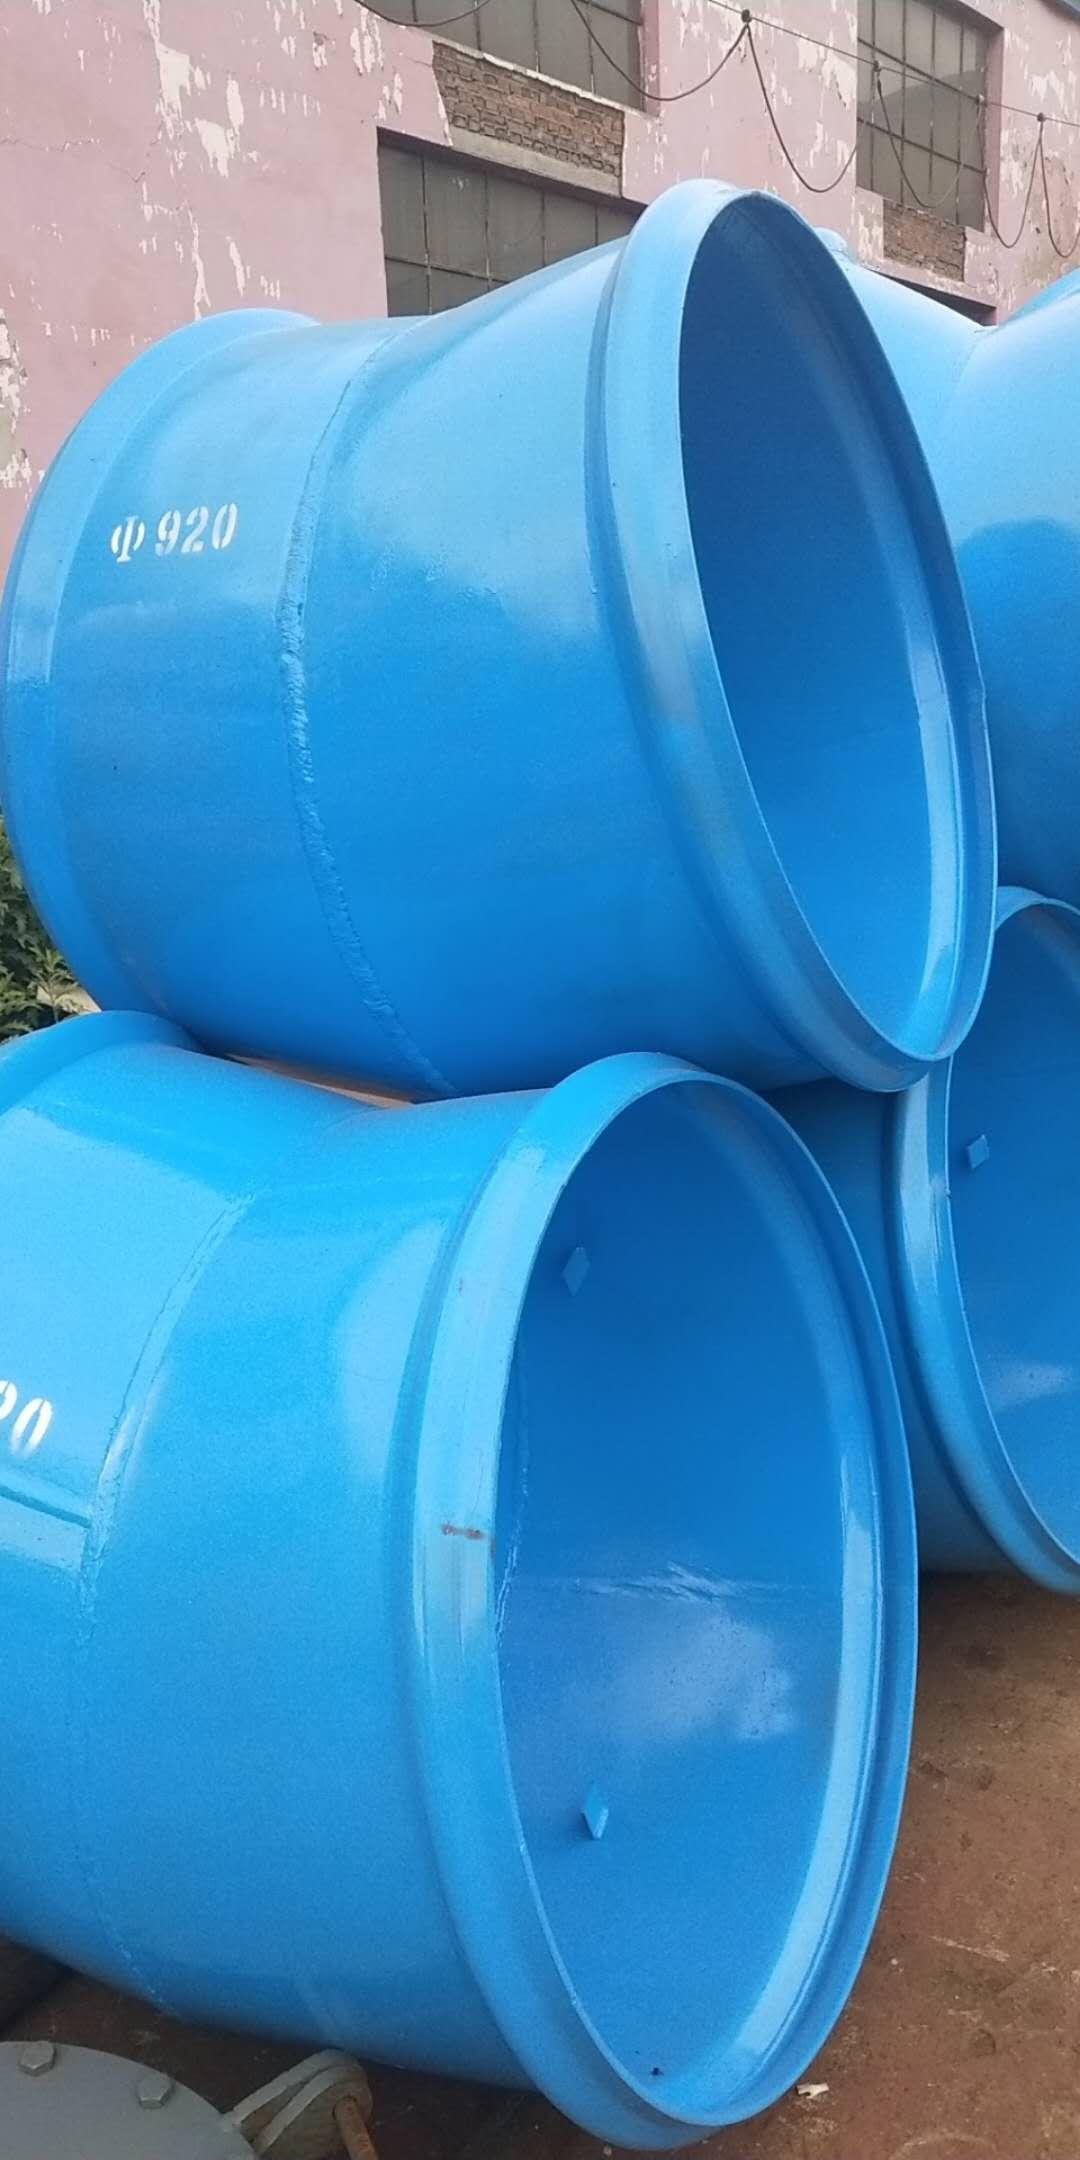 好的双承口插接弯头生产厂家_昊龙管件供应实惠的排水双承口插接弯头生产厂家